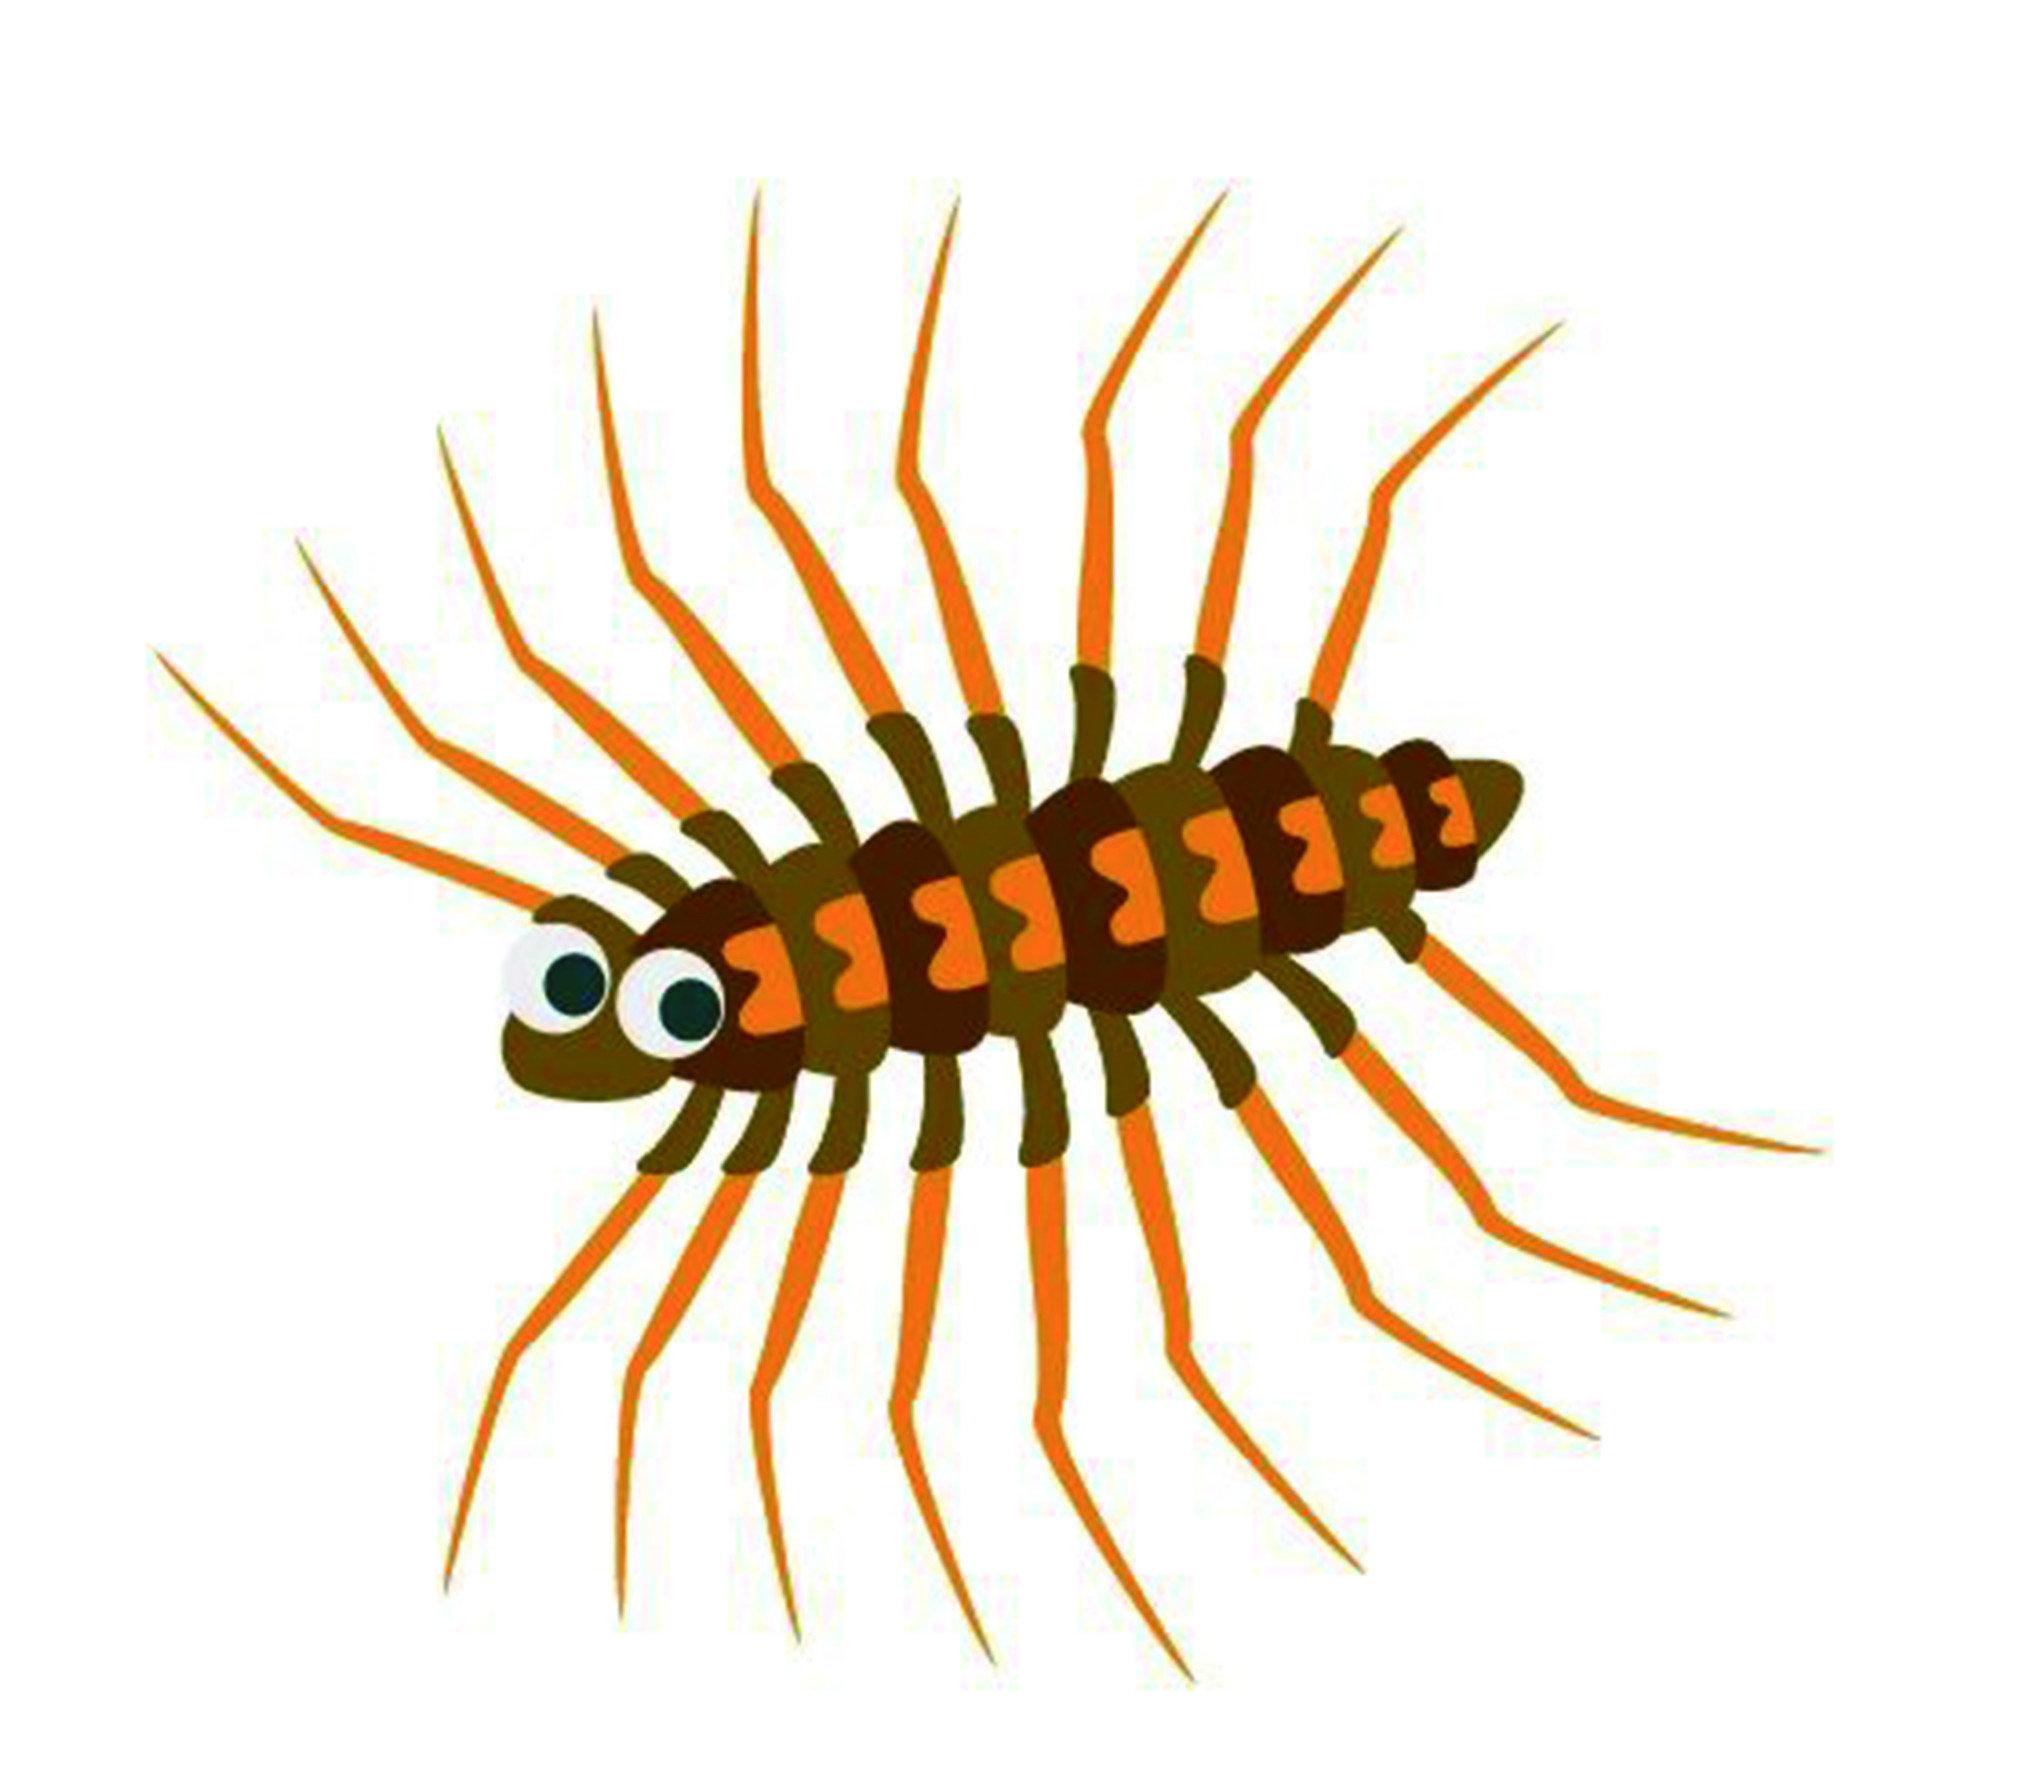 是害蟲還是益蟲?基於蚰蜒會吃其他昆蟲的習性,與蜘蛛一樣常被視為是一種益蟲。然而,蚰蜒嚇人的外表、飛快的移動速度,常常使人飽受驚嚇。更糟的是,蚰蜒也有機會會咬人,將人類當作獵物一般的噴射毒液。